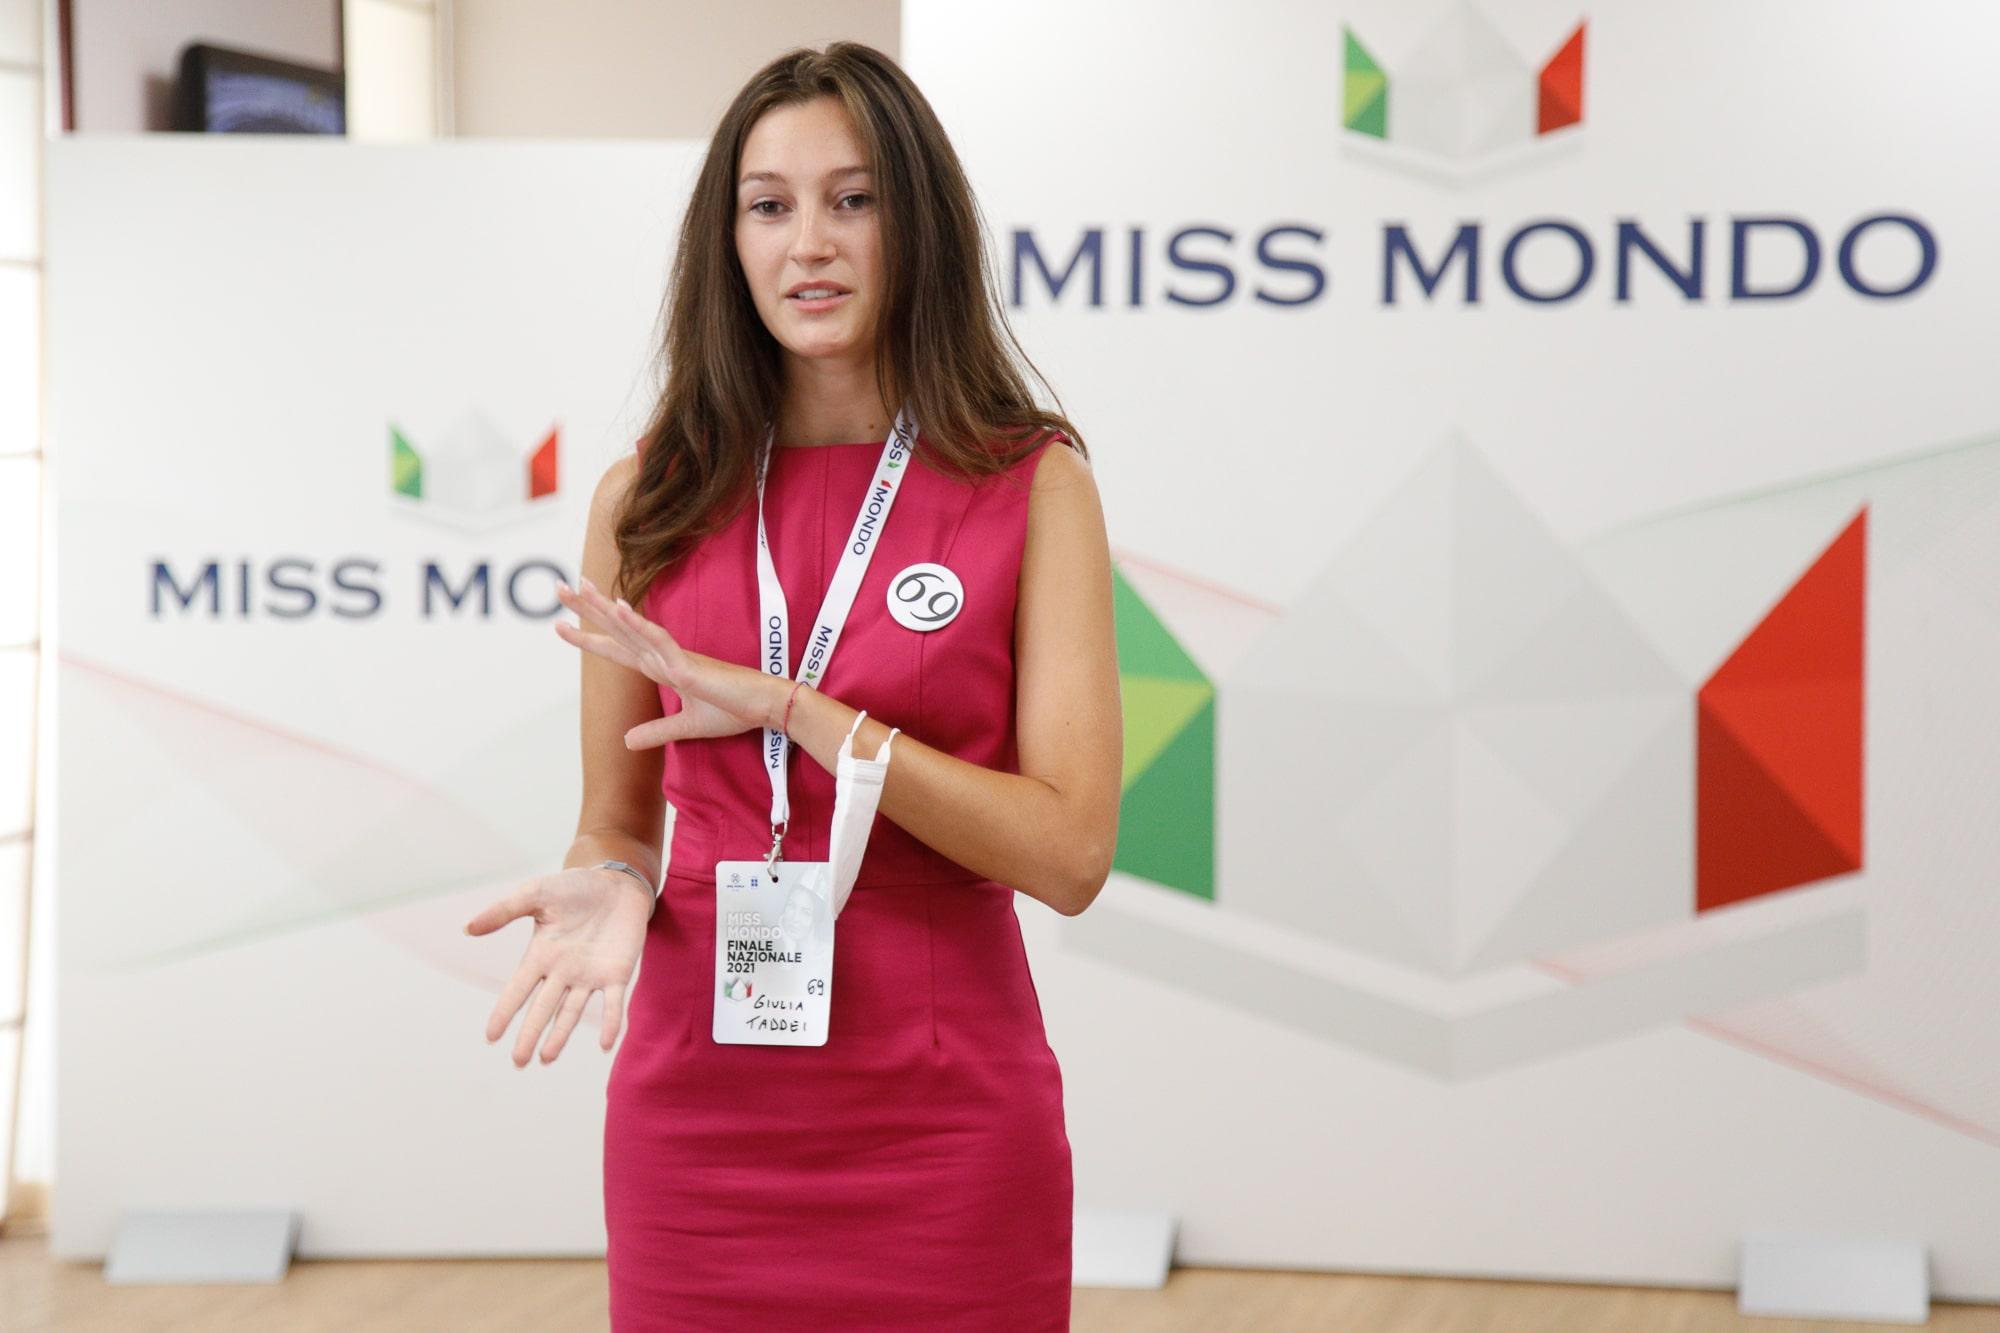 Terzo passaggio giuria per le ragazze di Missmondo Italia 2021 - 42